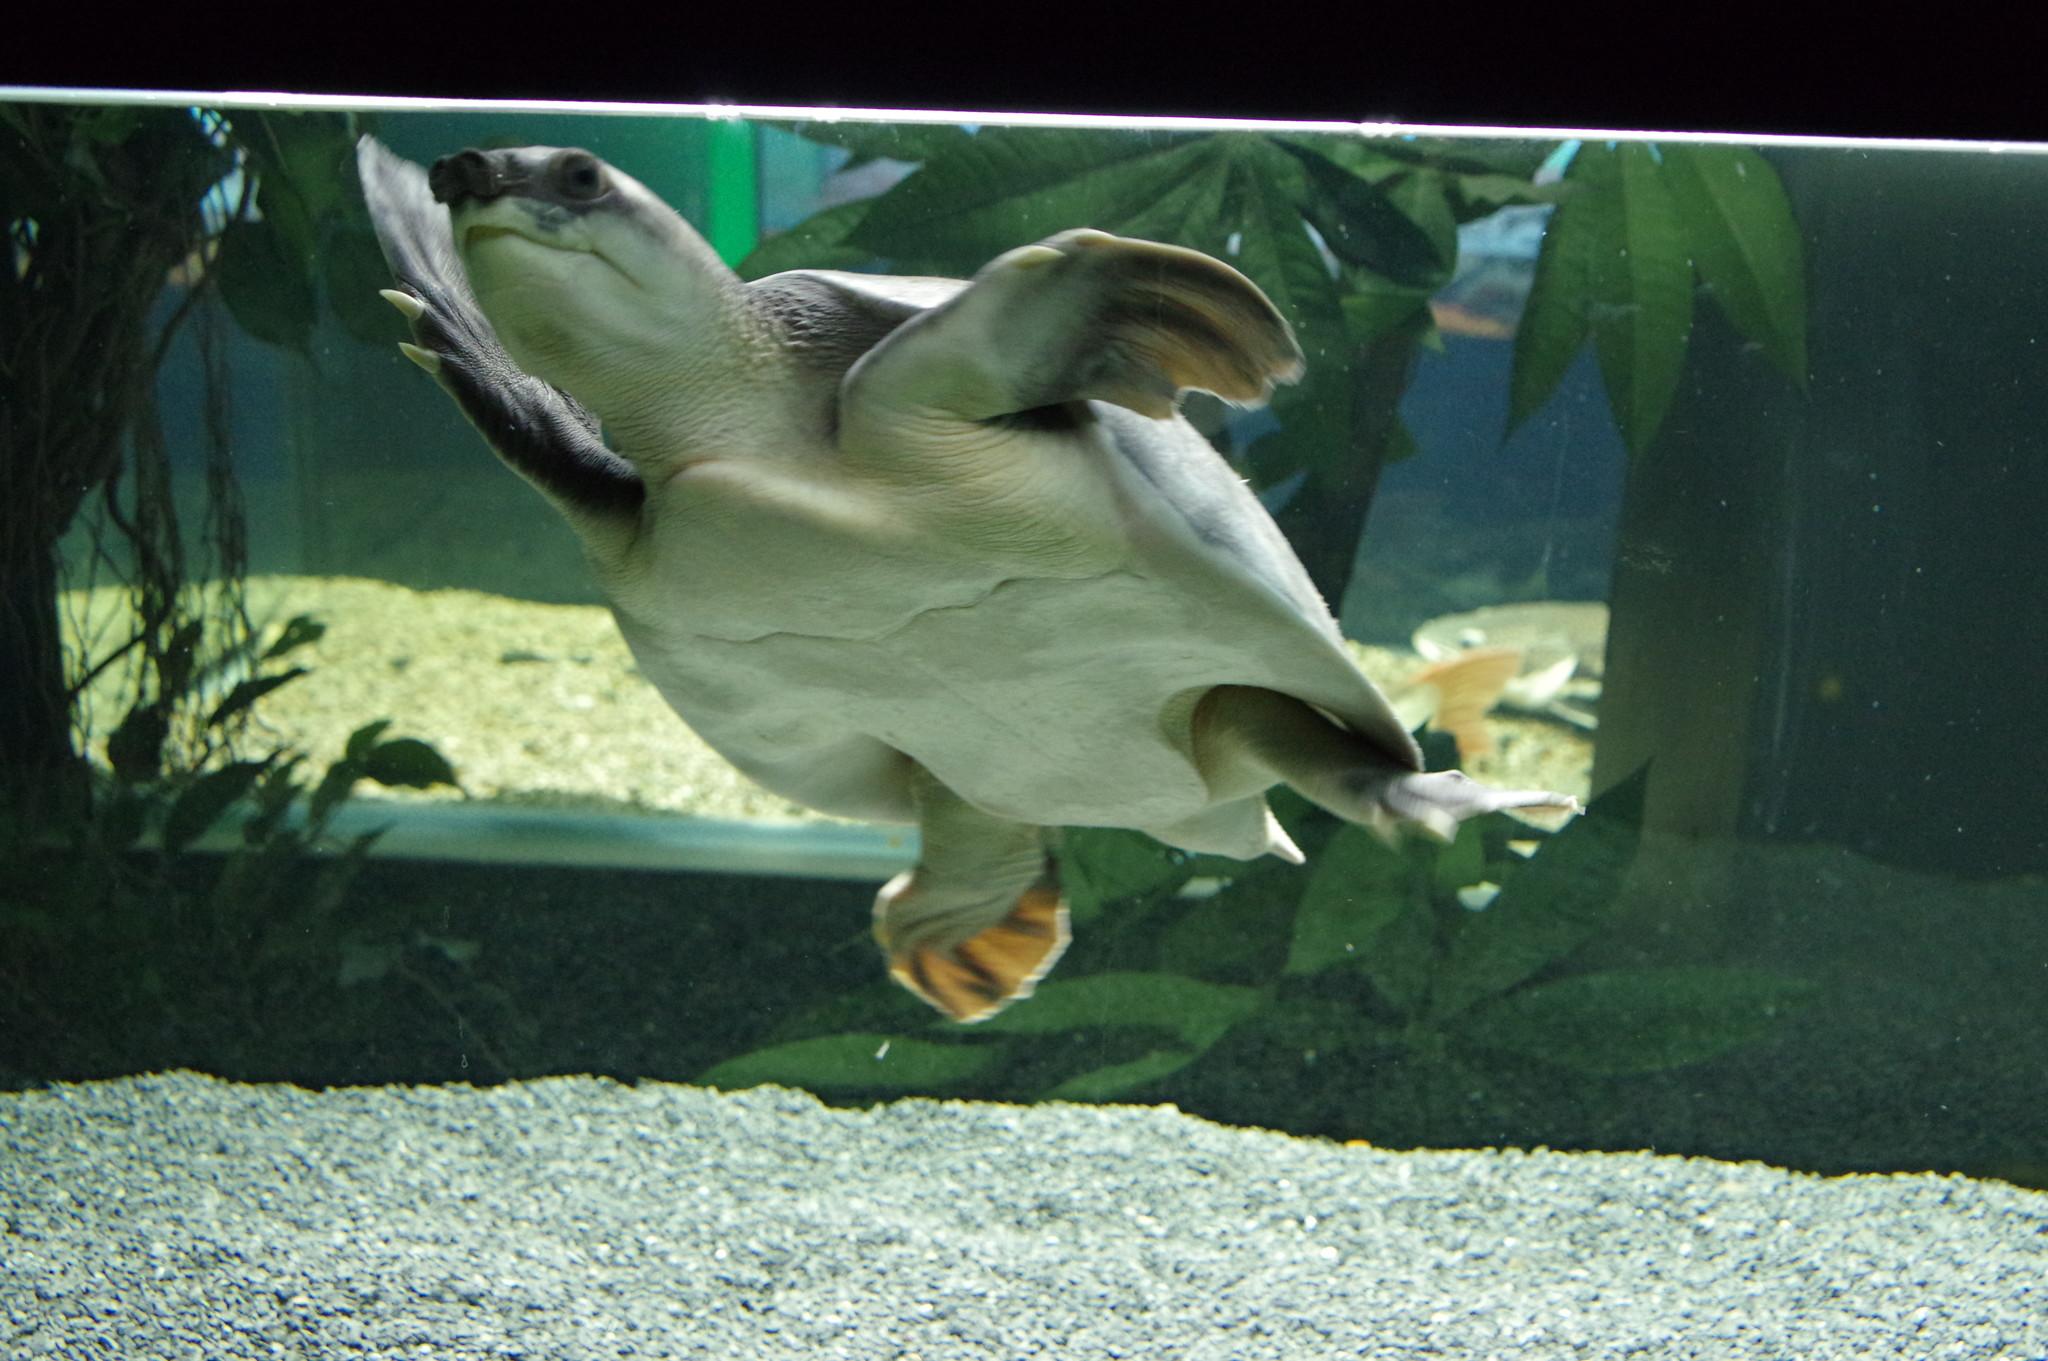 Китайский трионикс. Музей истории аквариумистики (улица Арбат, дом 17)